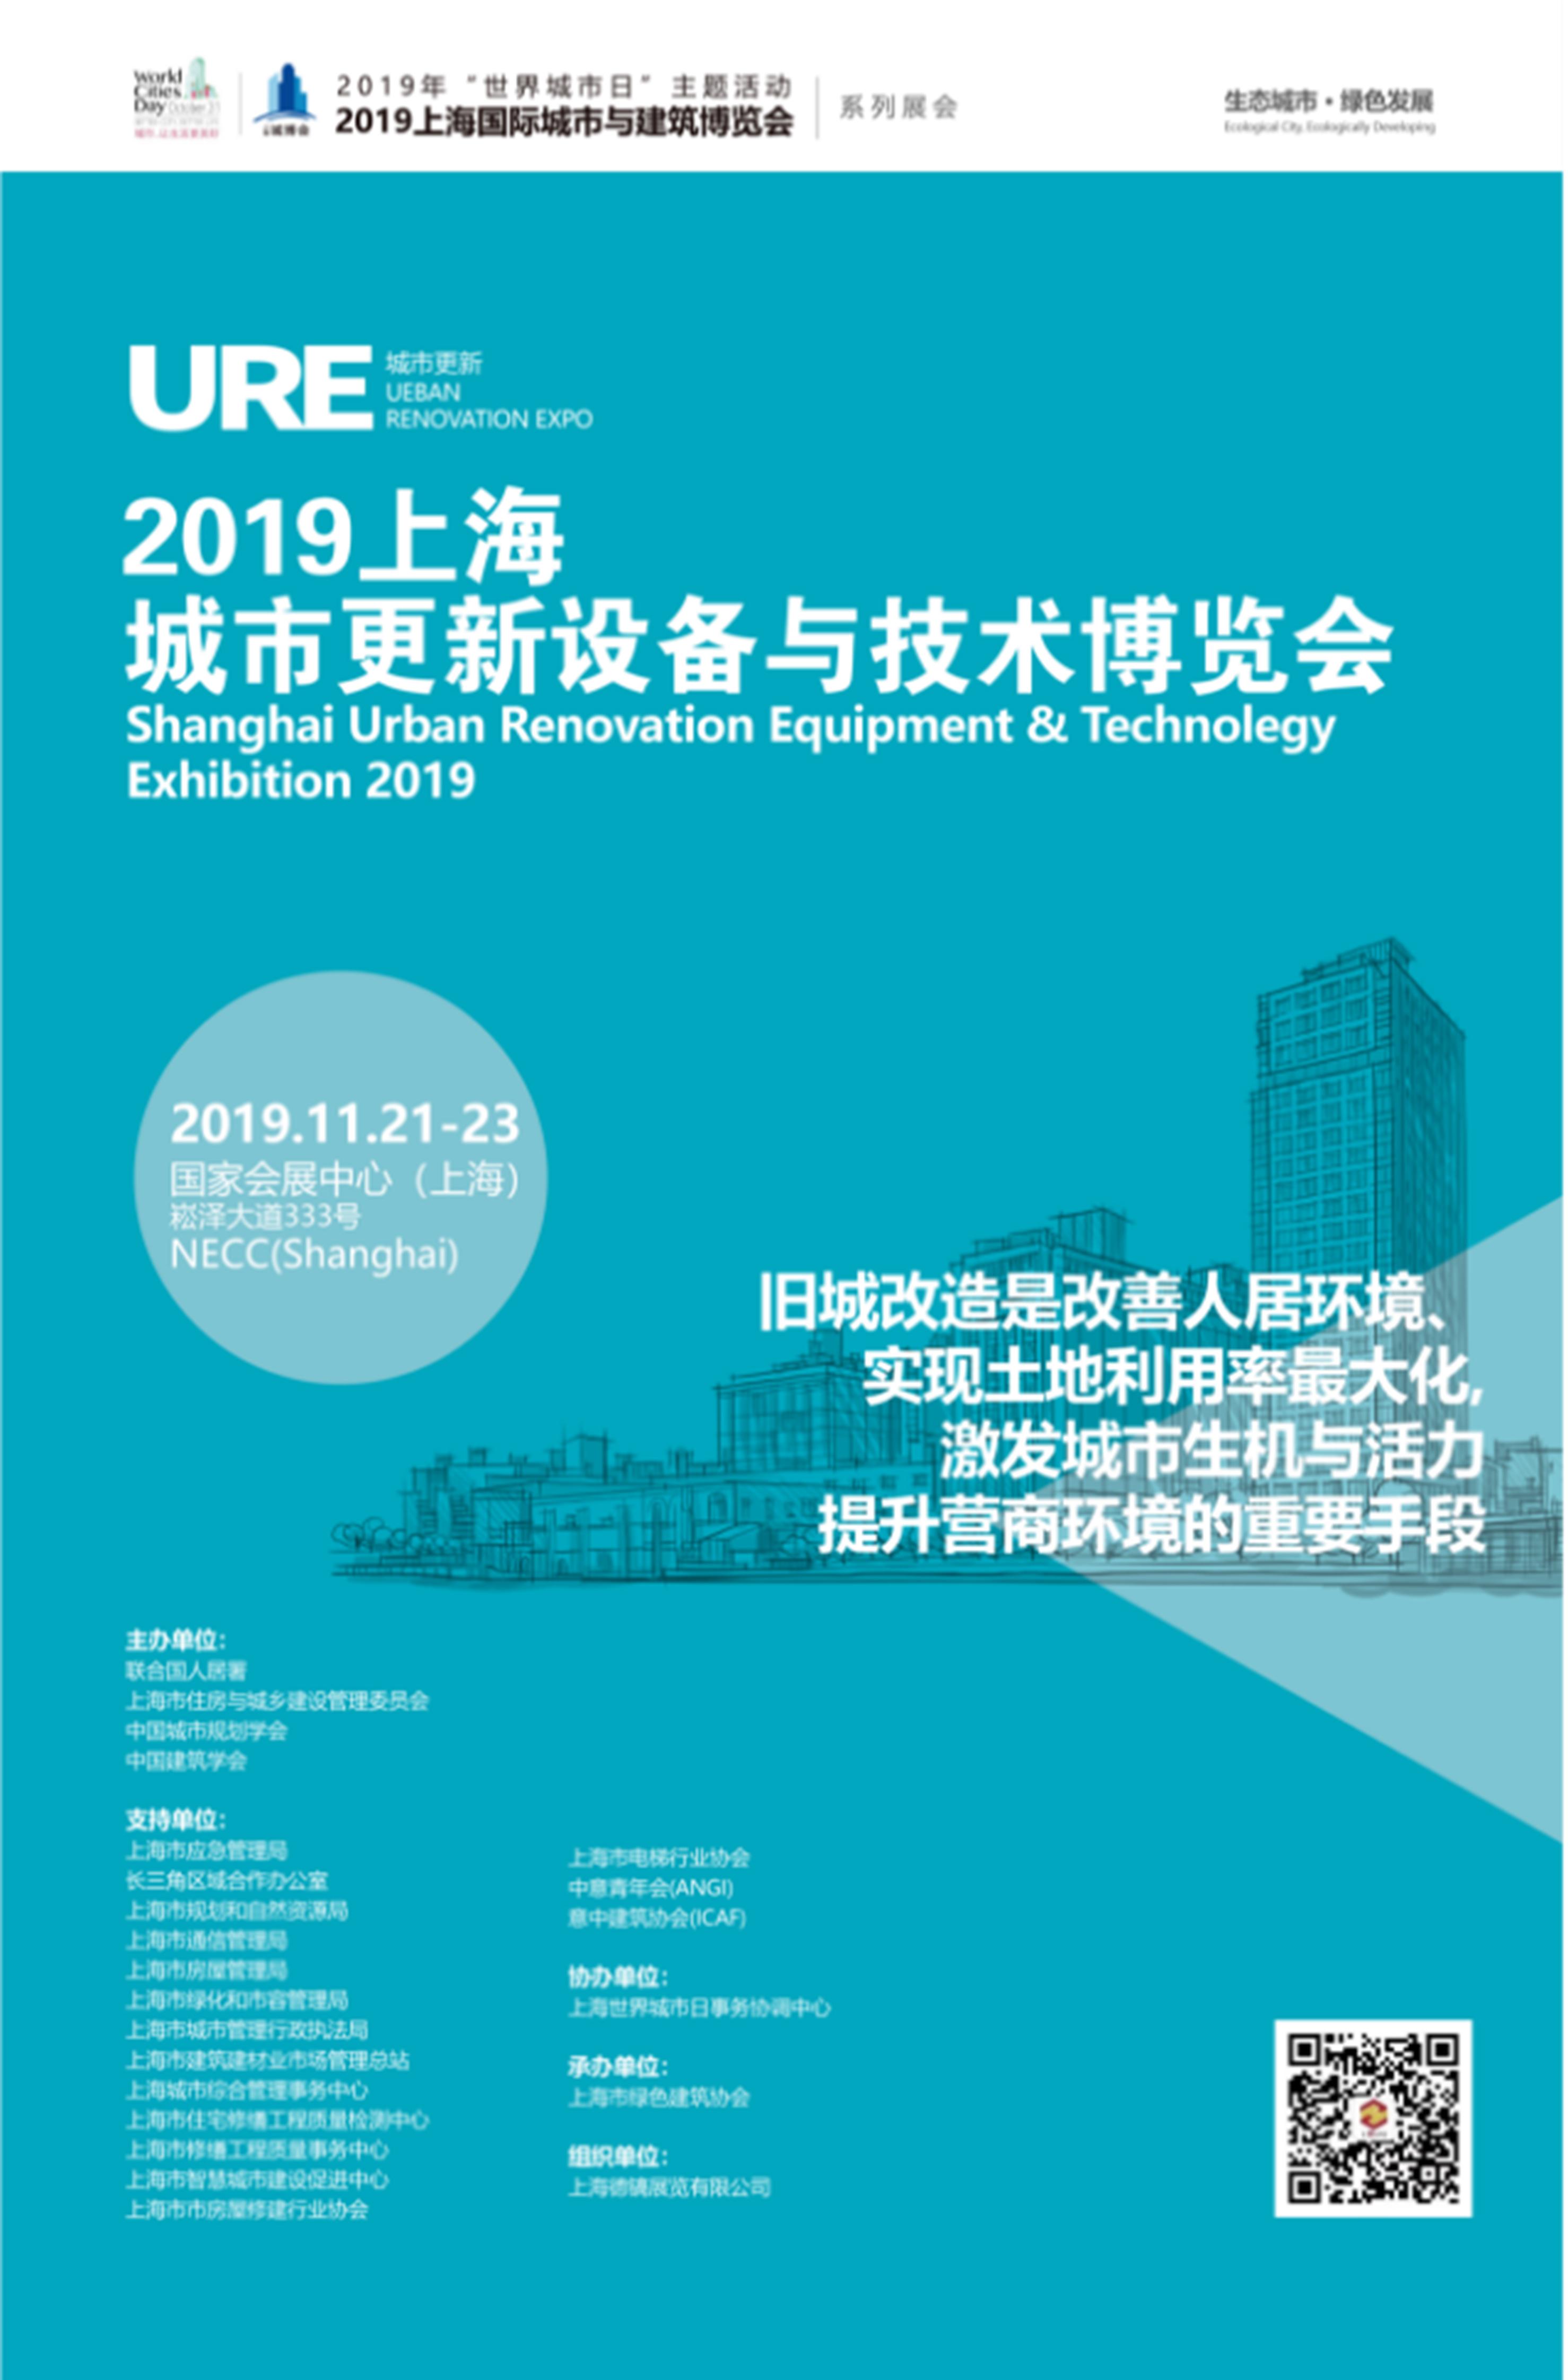 2019上海城市更新設備與技術博覽會